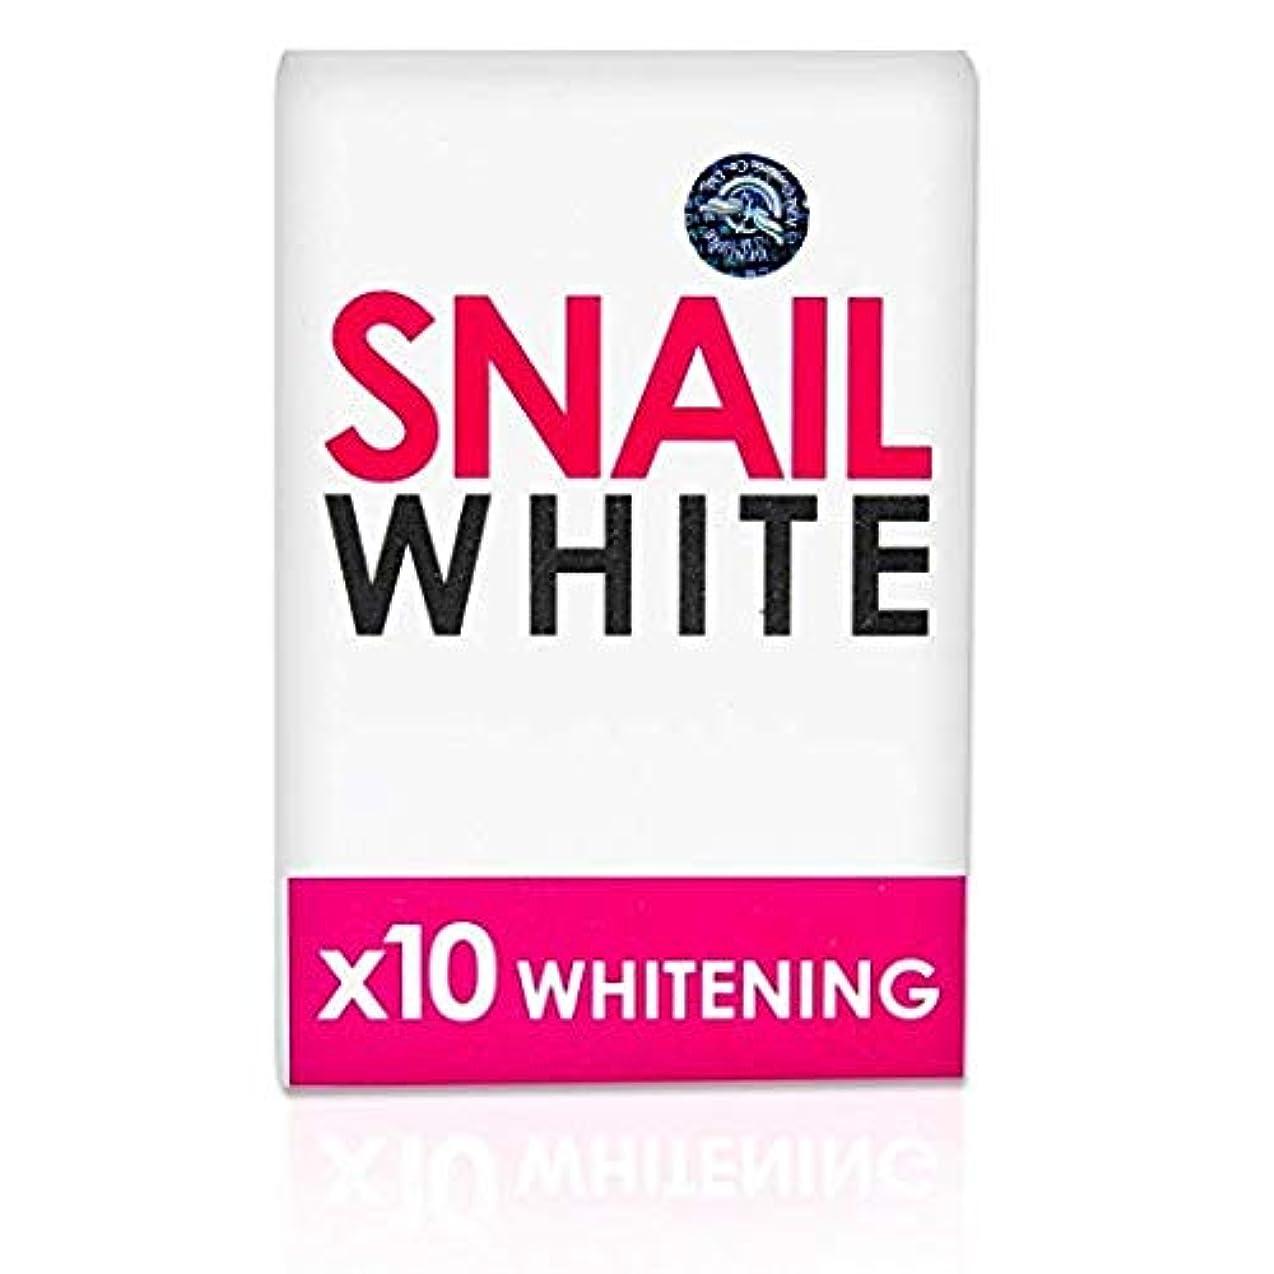 悔い改める告白是正するスネイルホワイト Gluta Snail White x10 Whitening by Dream ホワイトニング 固形石鹸 2個